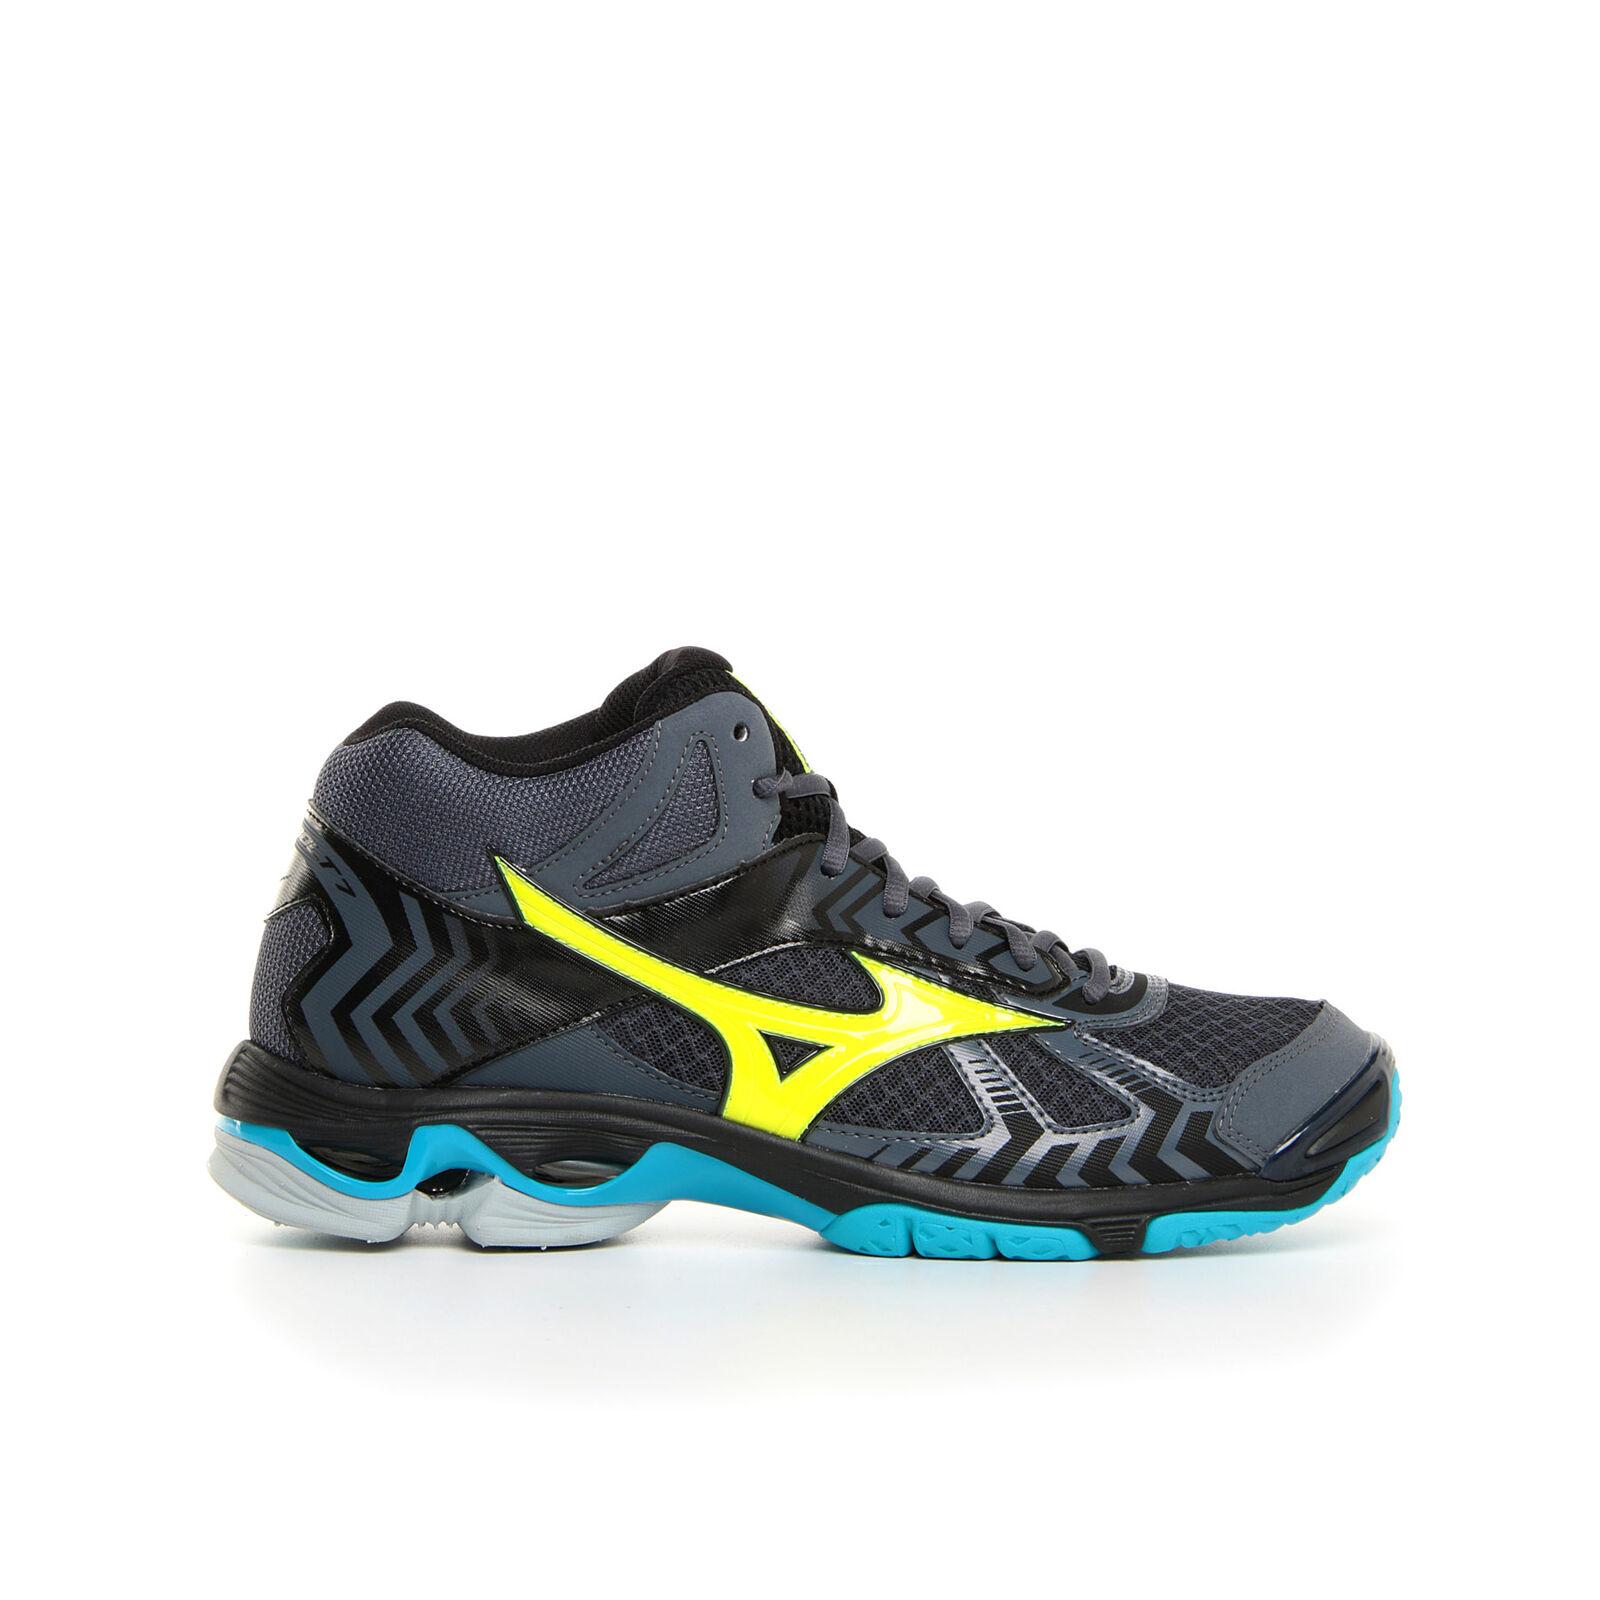 MIZUNO WAVE TORNILLO 7 MEDIO shoes VOLEIBOL HOMBRE V1GA1865 47